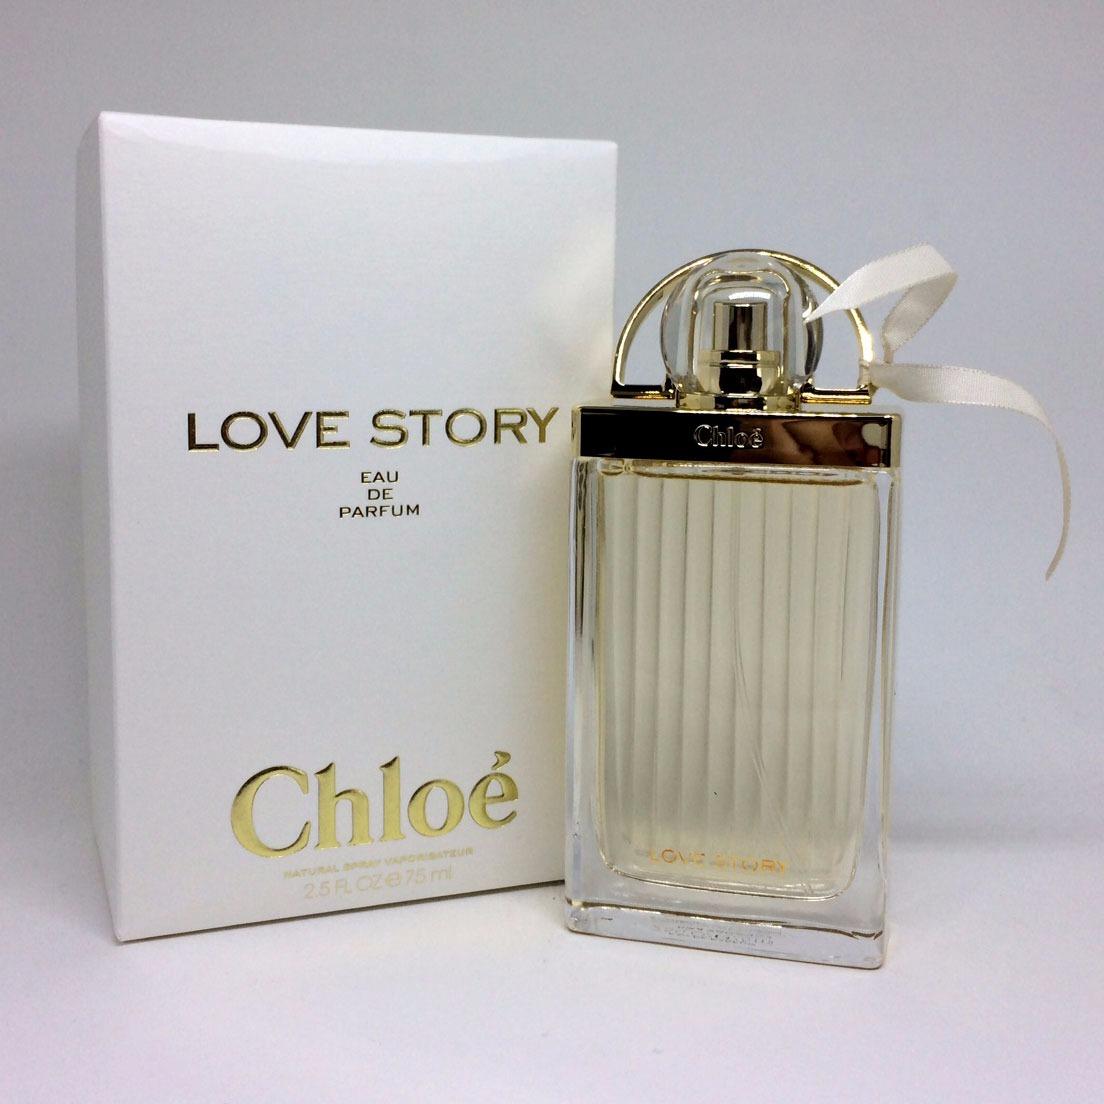 fb97515076eaf chloé love story eau de parfum 75ml feminino   100% original. Carregando  zoom.